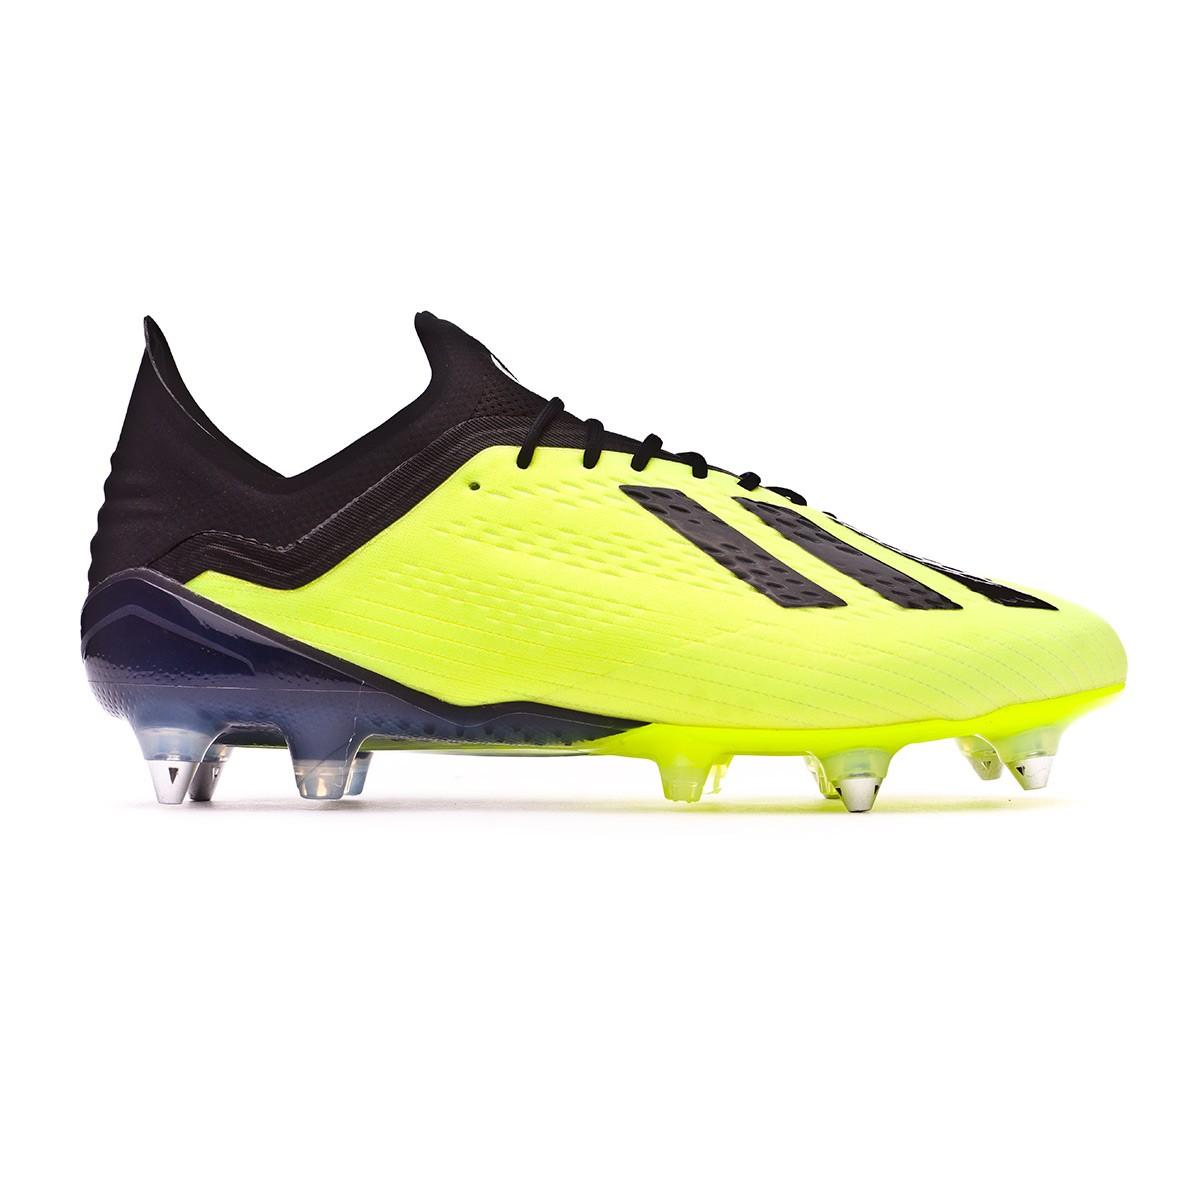 Scarpe Calcio Adidas Predator 18.1 SG Team Mode Pack